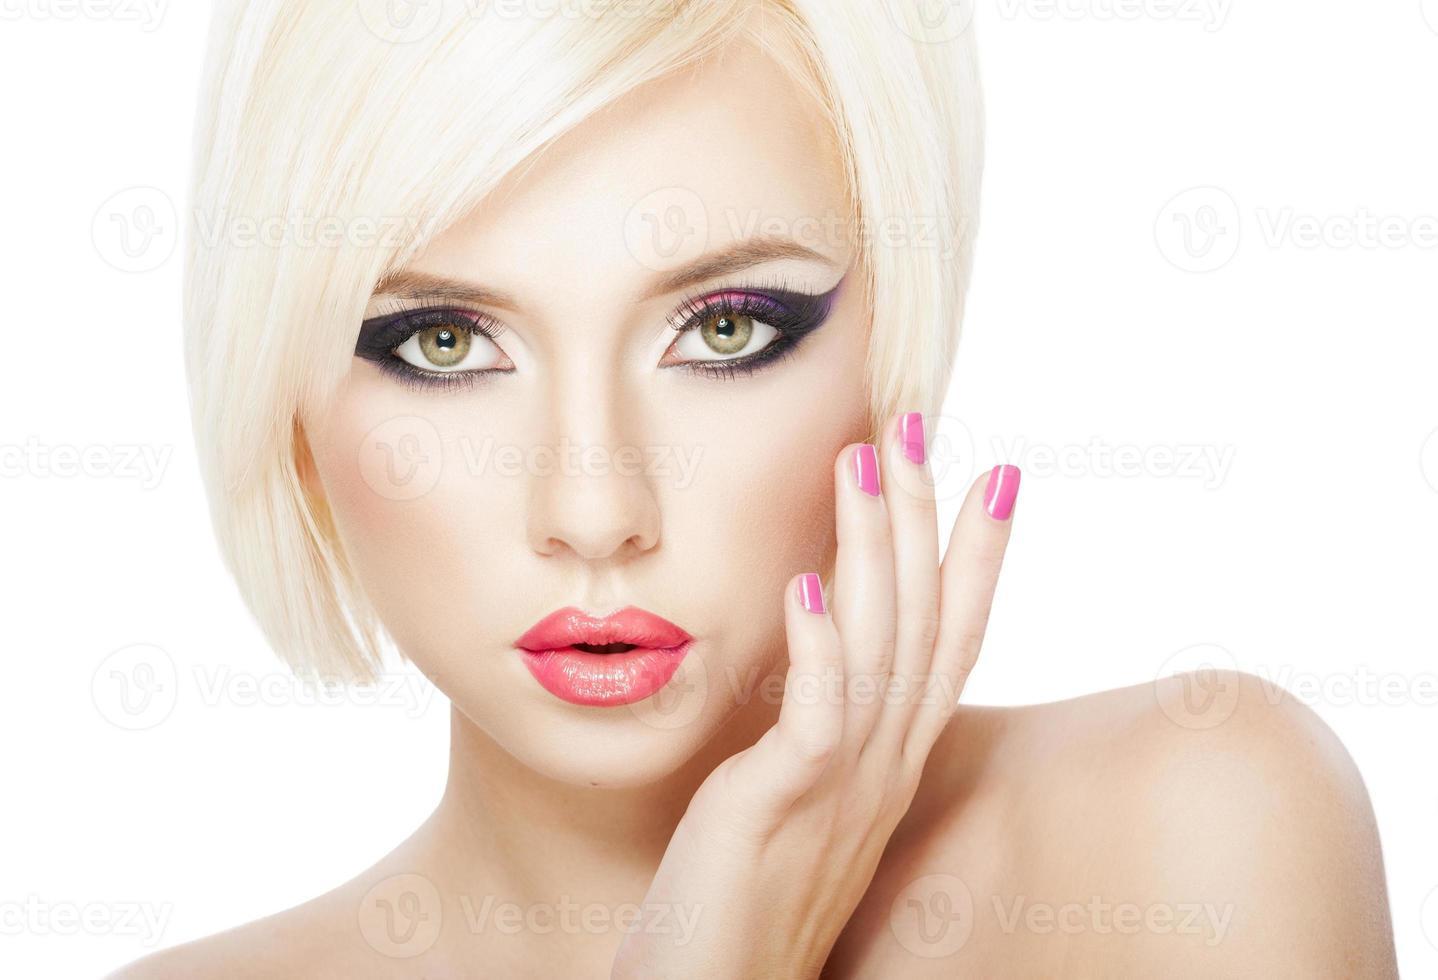 Blond hair woman photo